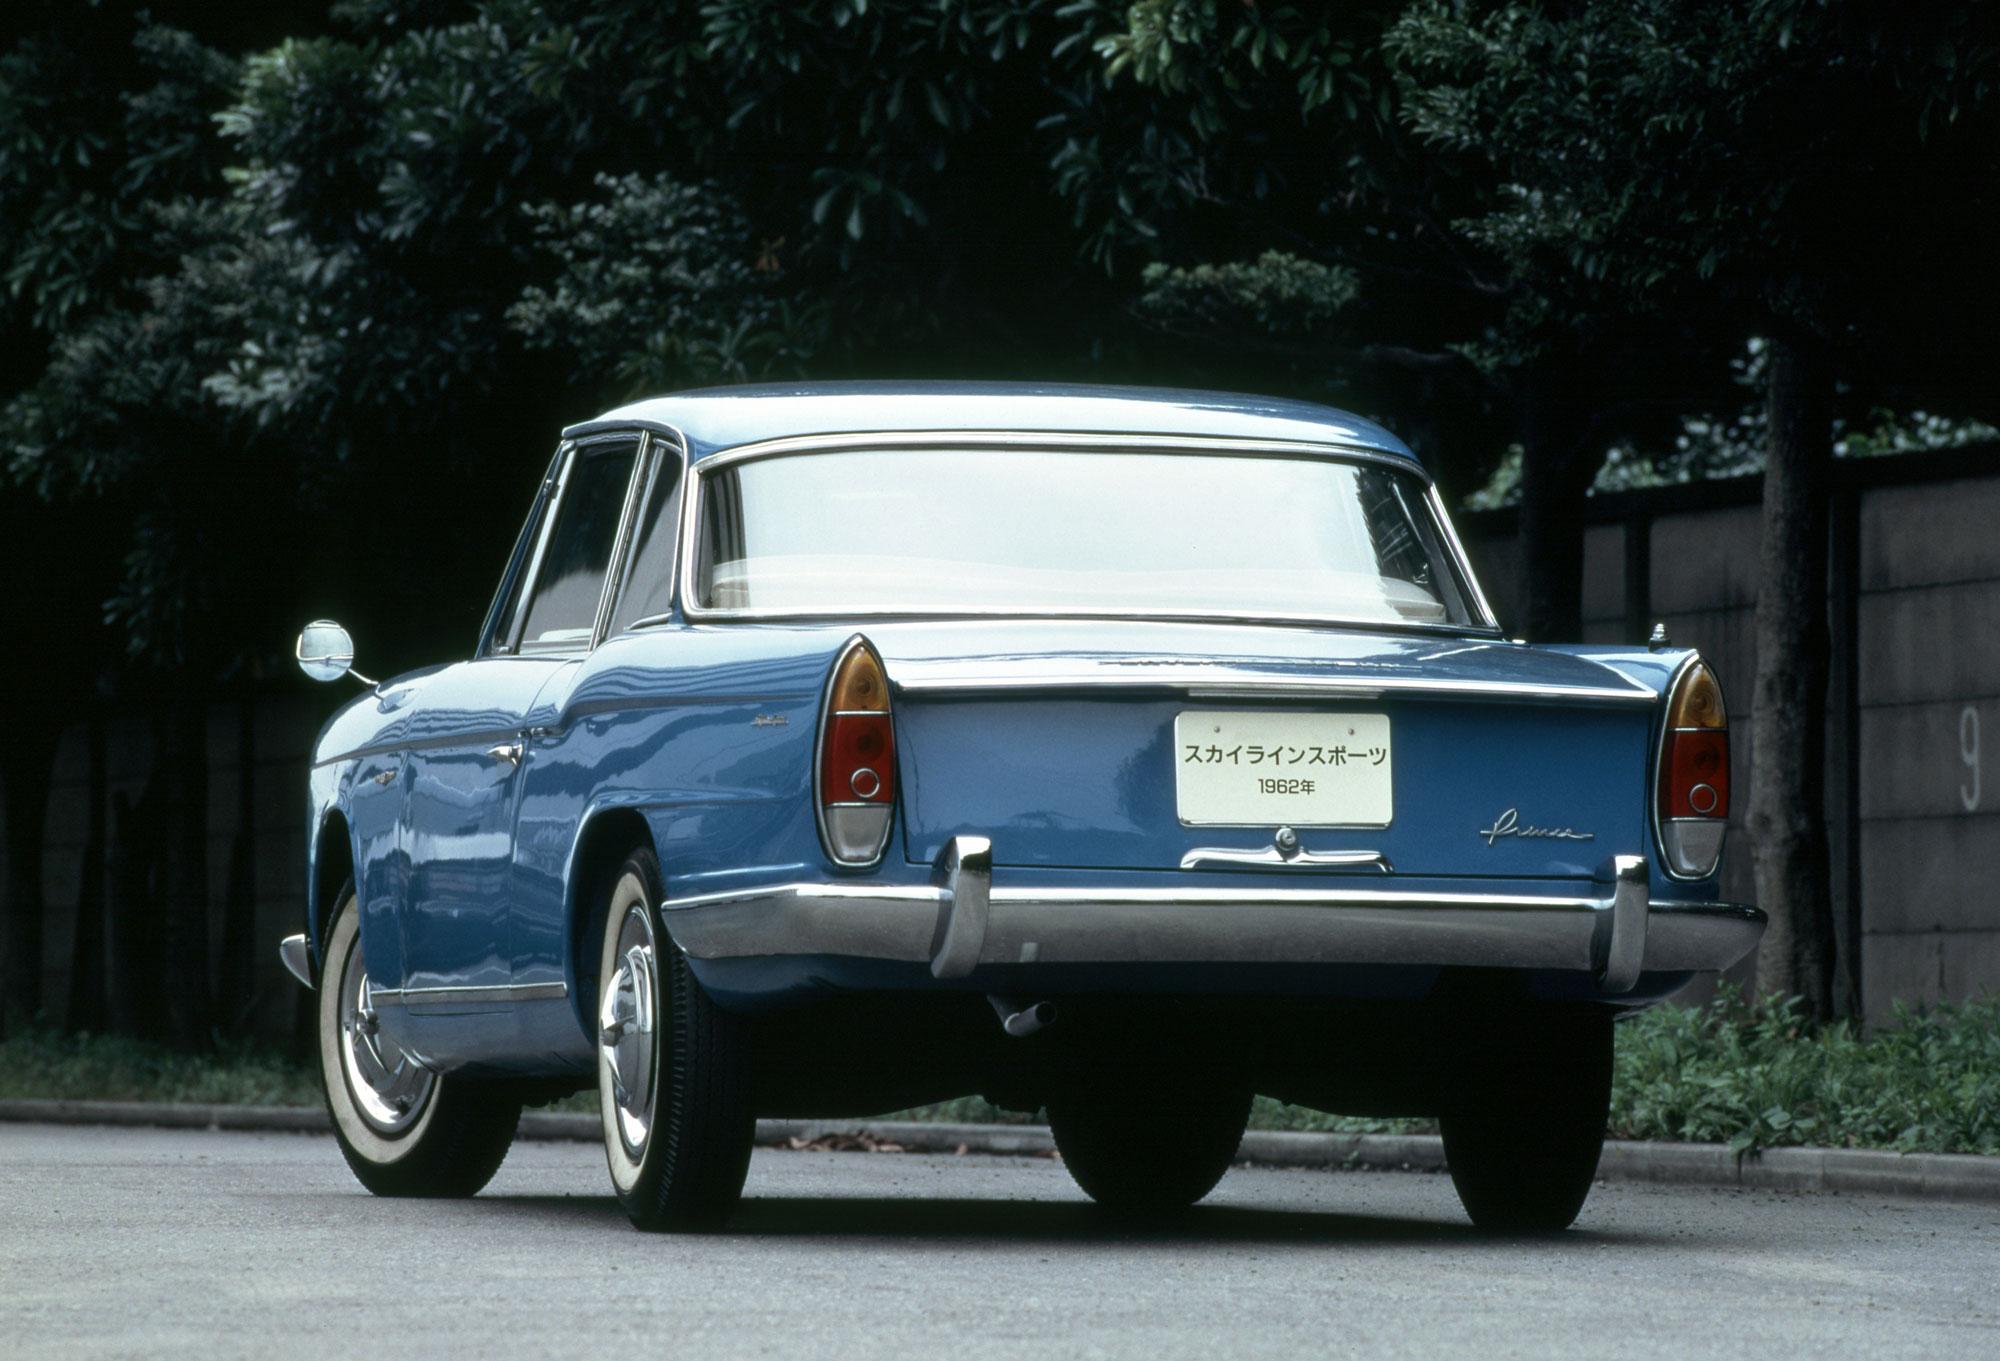 日産「スカイライン」の60年、全モデルを写真で振り返る① - 1962_skyline_sport_coupe_BLRA-3_rear-source